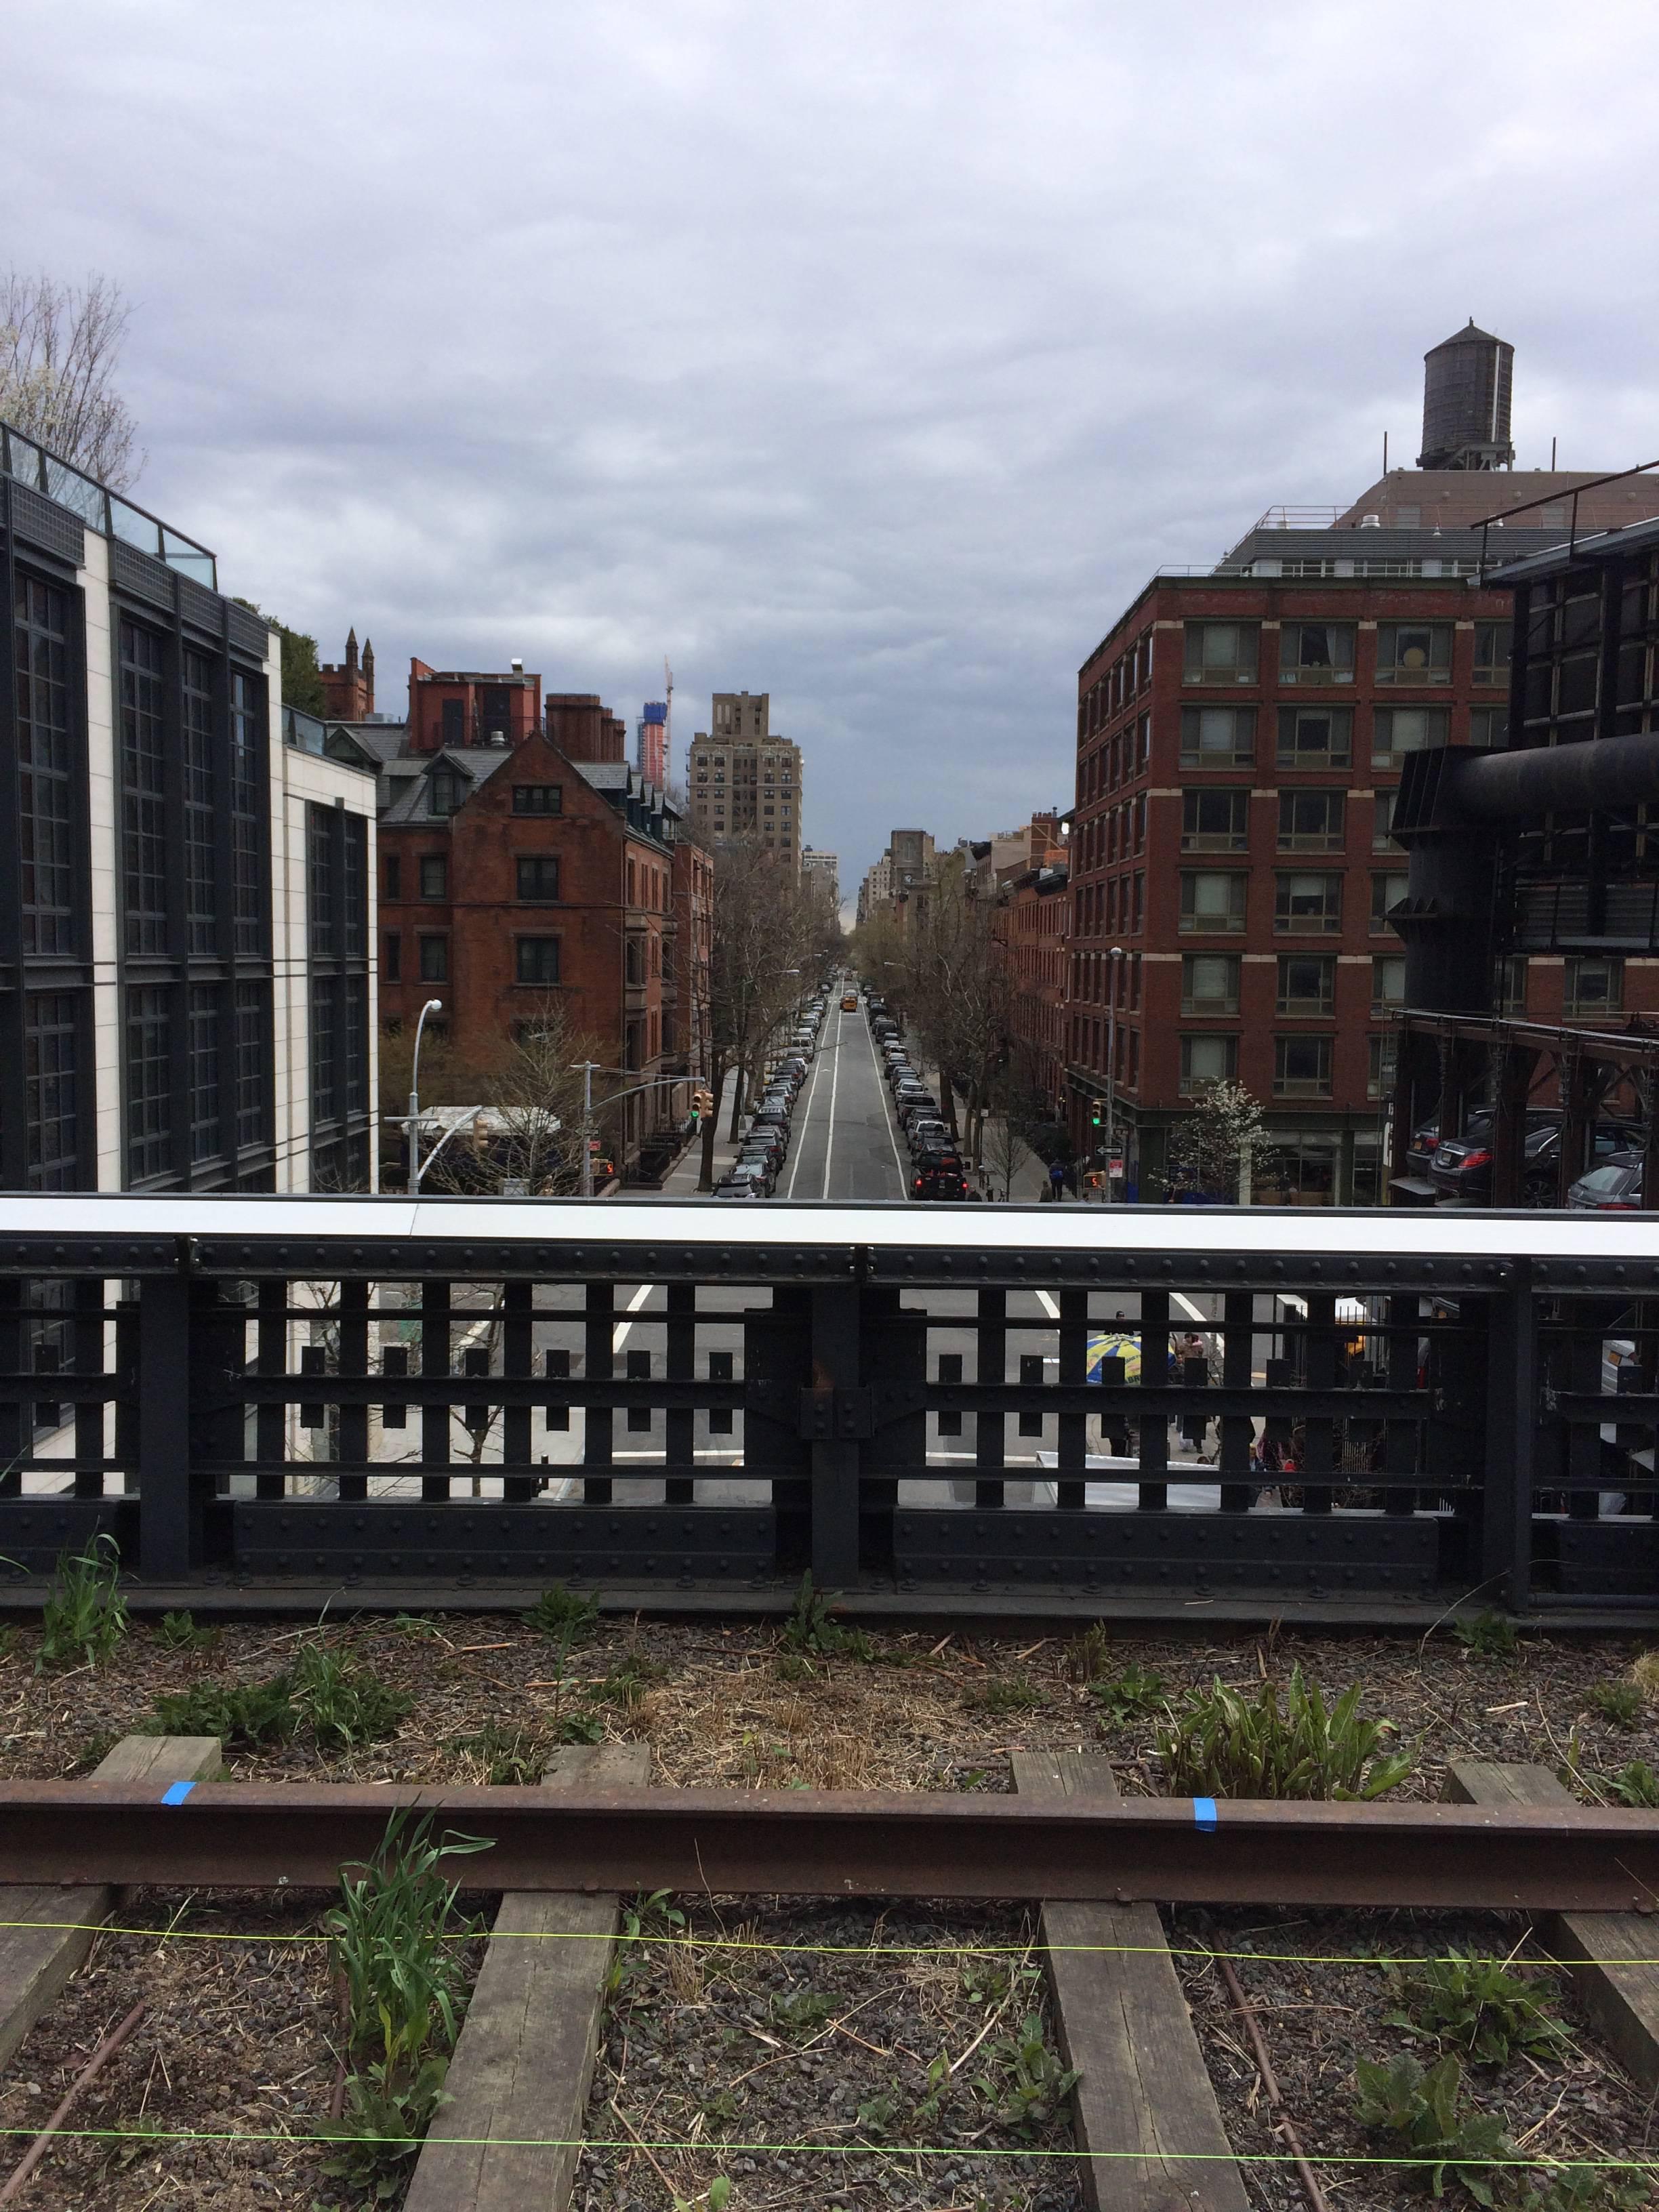 View down street